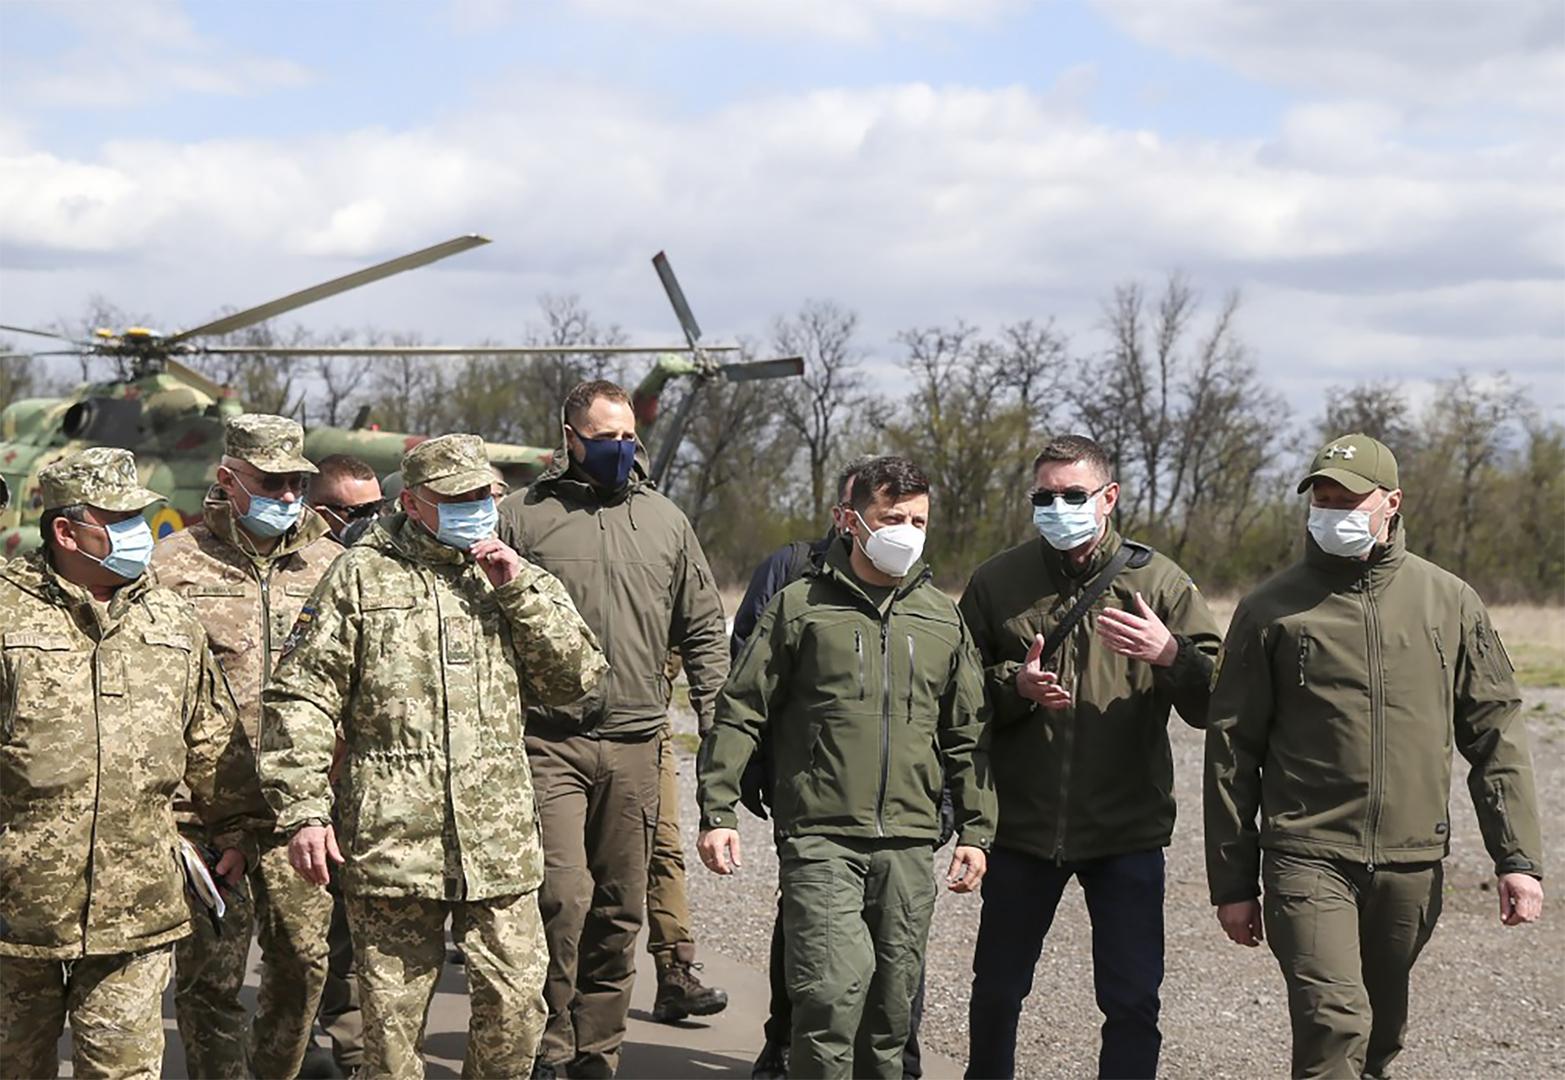 زيلينسكي يأمر باختبار جاهزية القوات الأوكرانية في دونباس